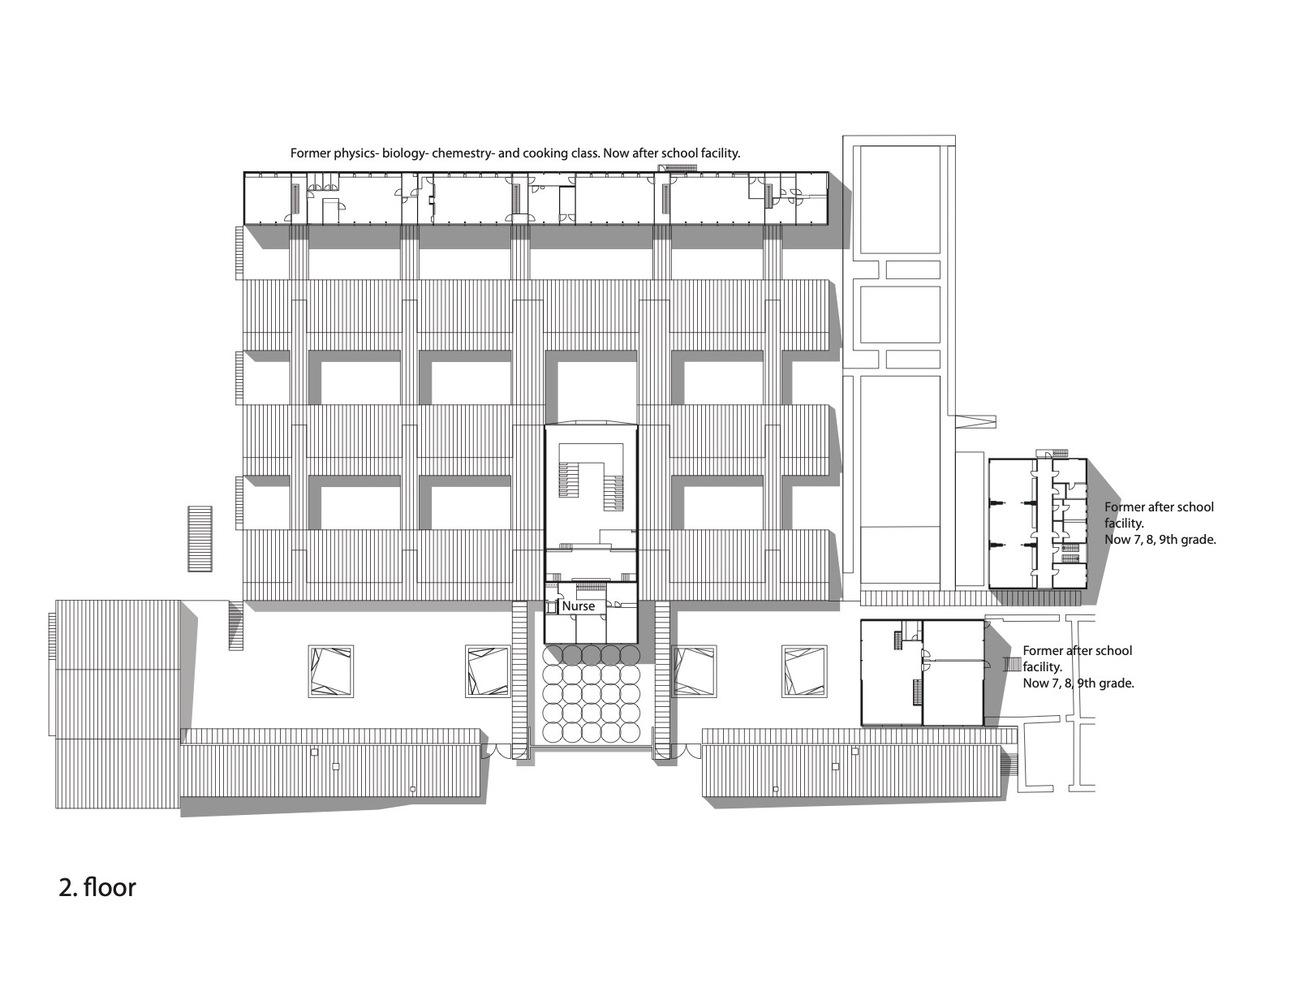 بازسازی پلان مدرسه مونکگارد